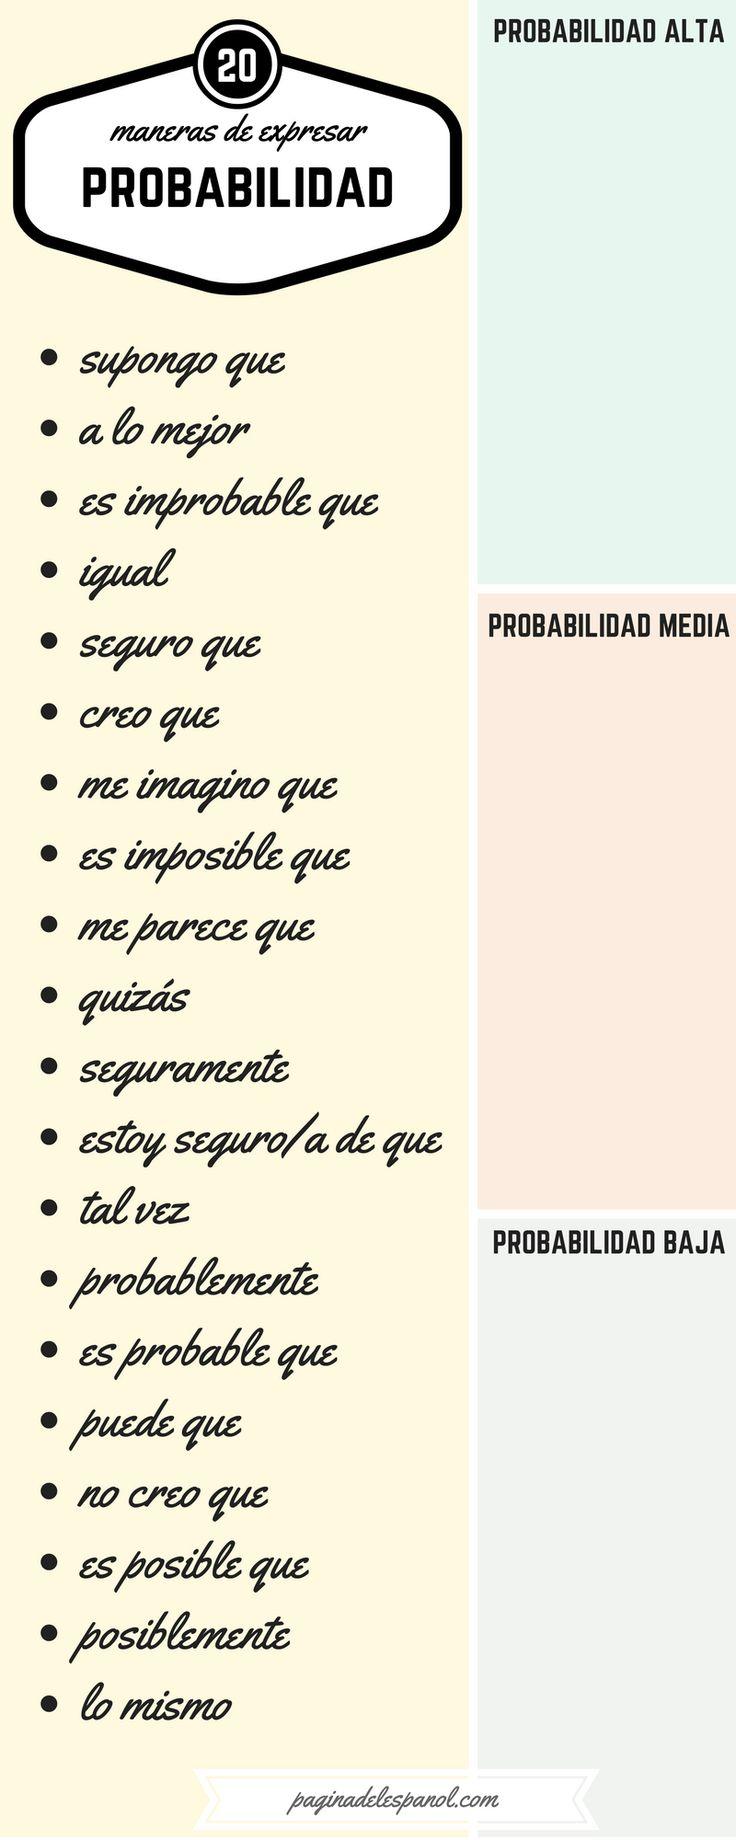 20 maneras de expresar probabilidad | La página del español